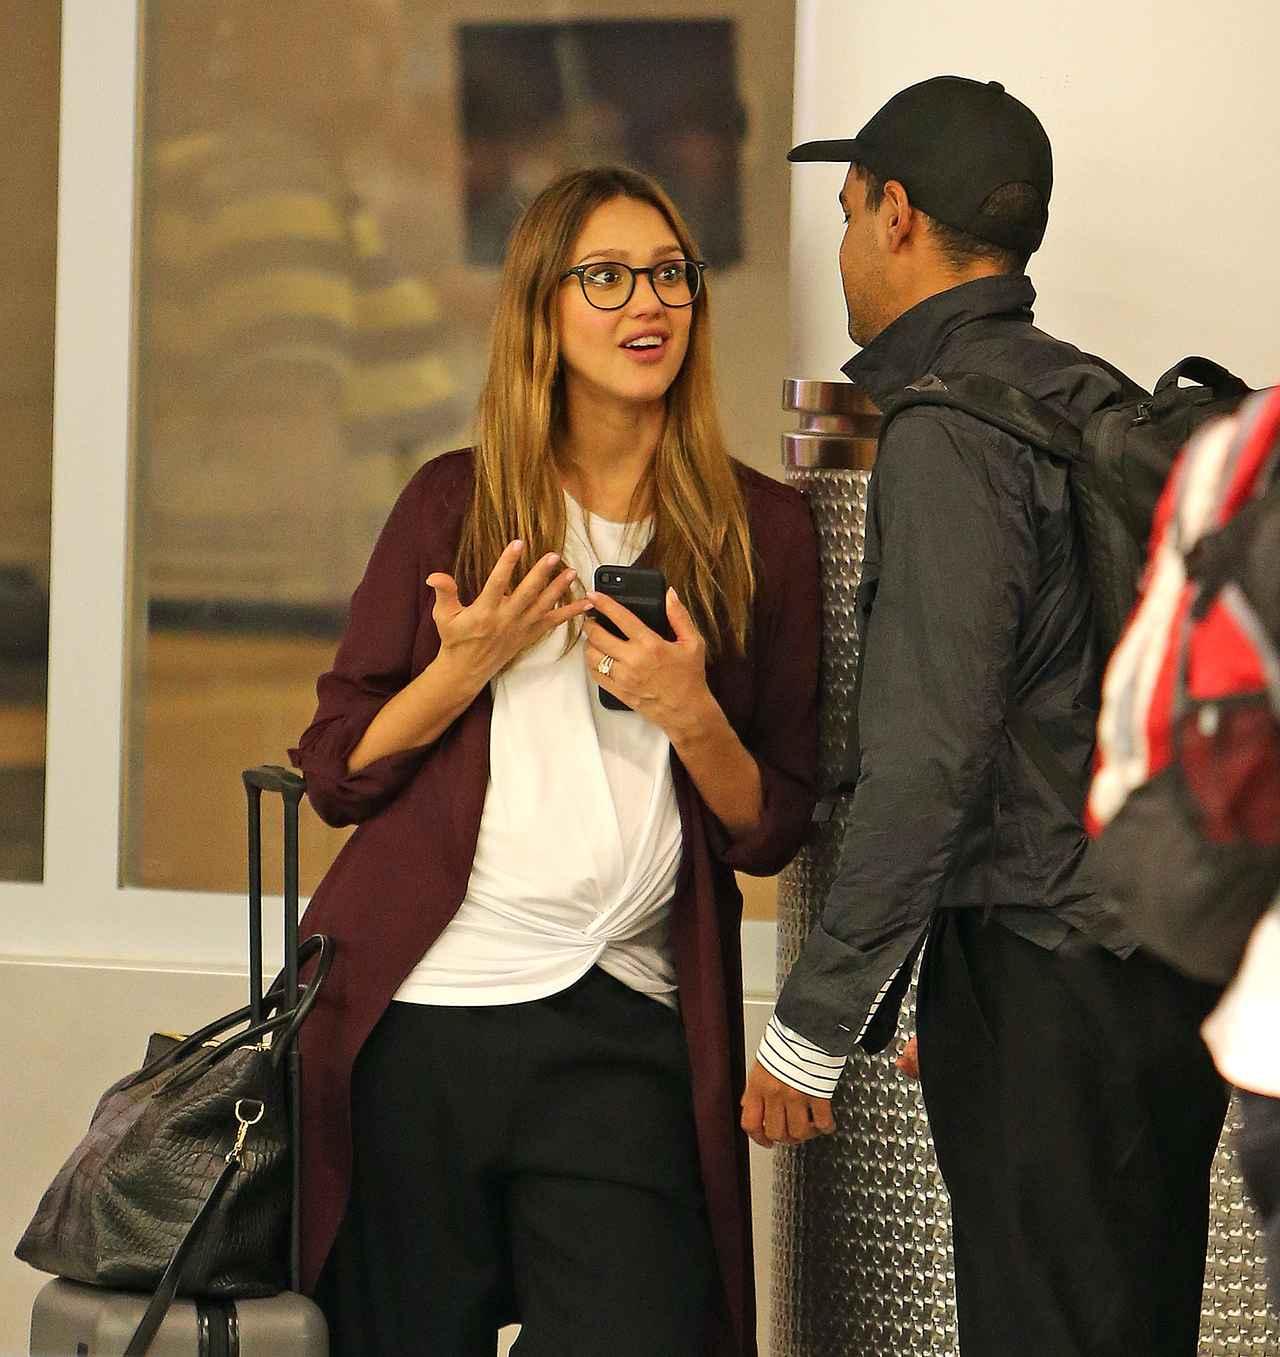 画像1: 空港の手荷物エリアで大笑いするジェシカ・アルバを発見